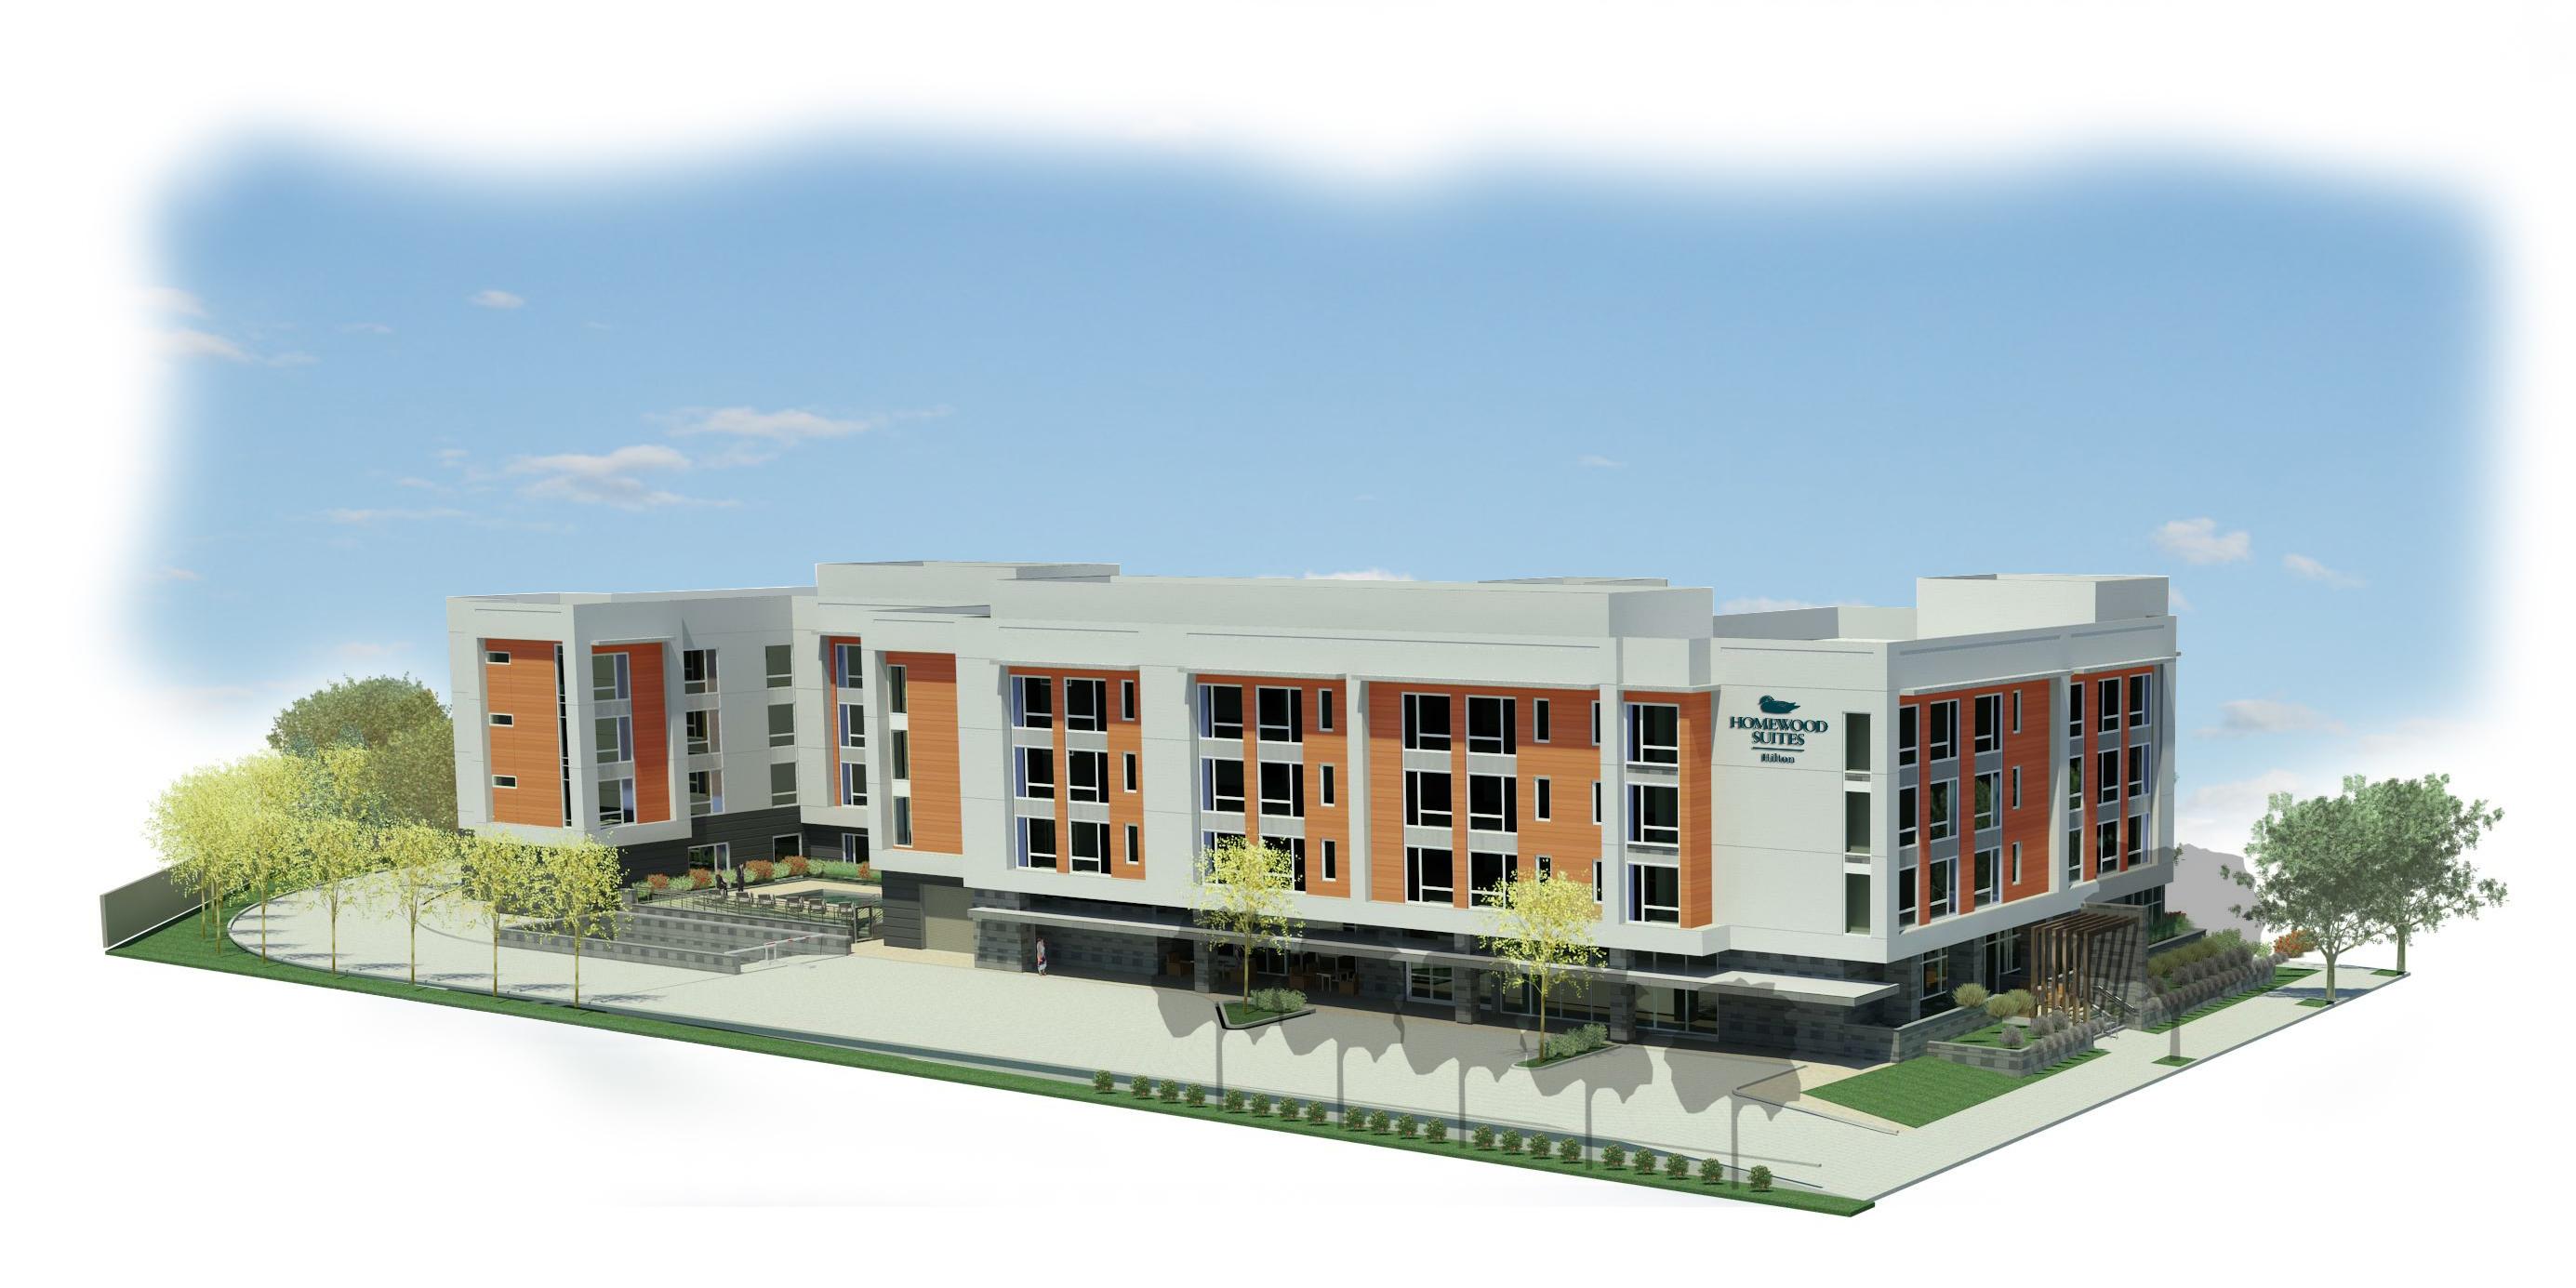 Hilton-Homewood_Sunnyvale-1